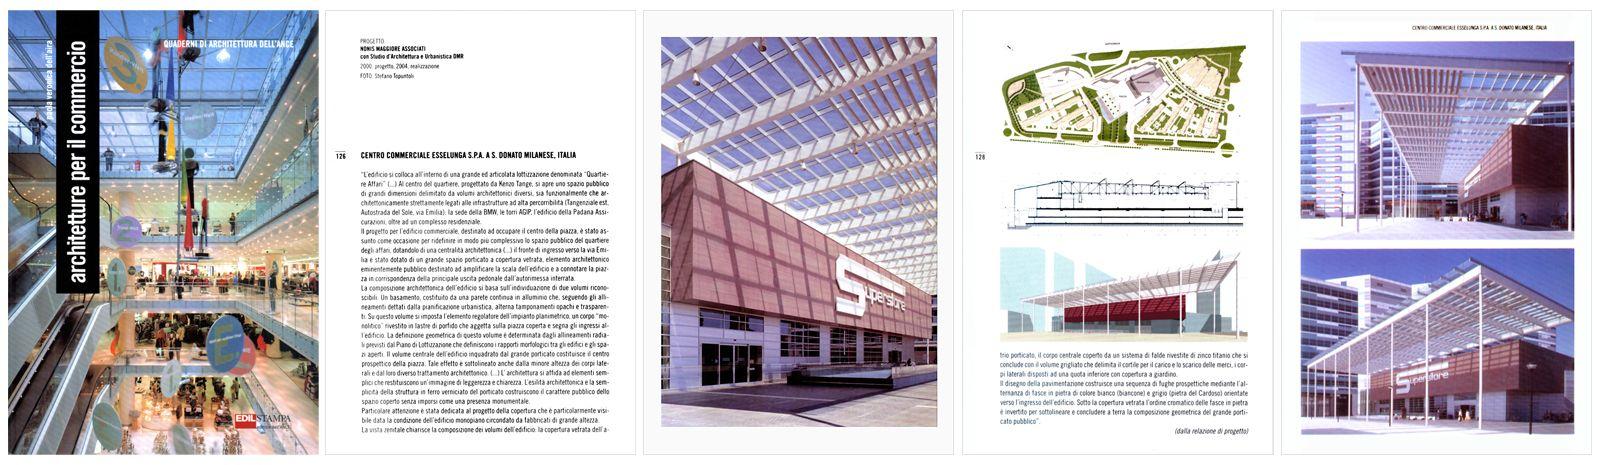 """""""Architetture e commercio"""", il commercio e le sue forme, Quaderni di architettura dell'Ance, Edilstampa, 2005"""